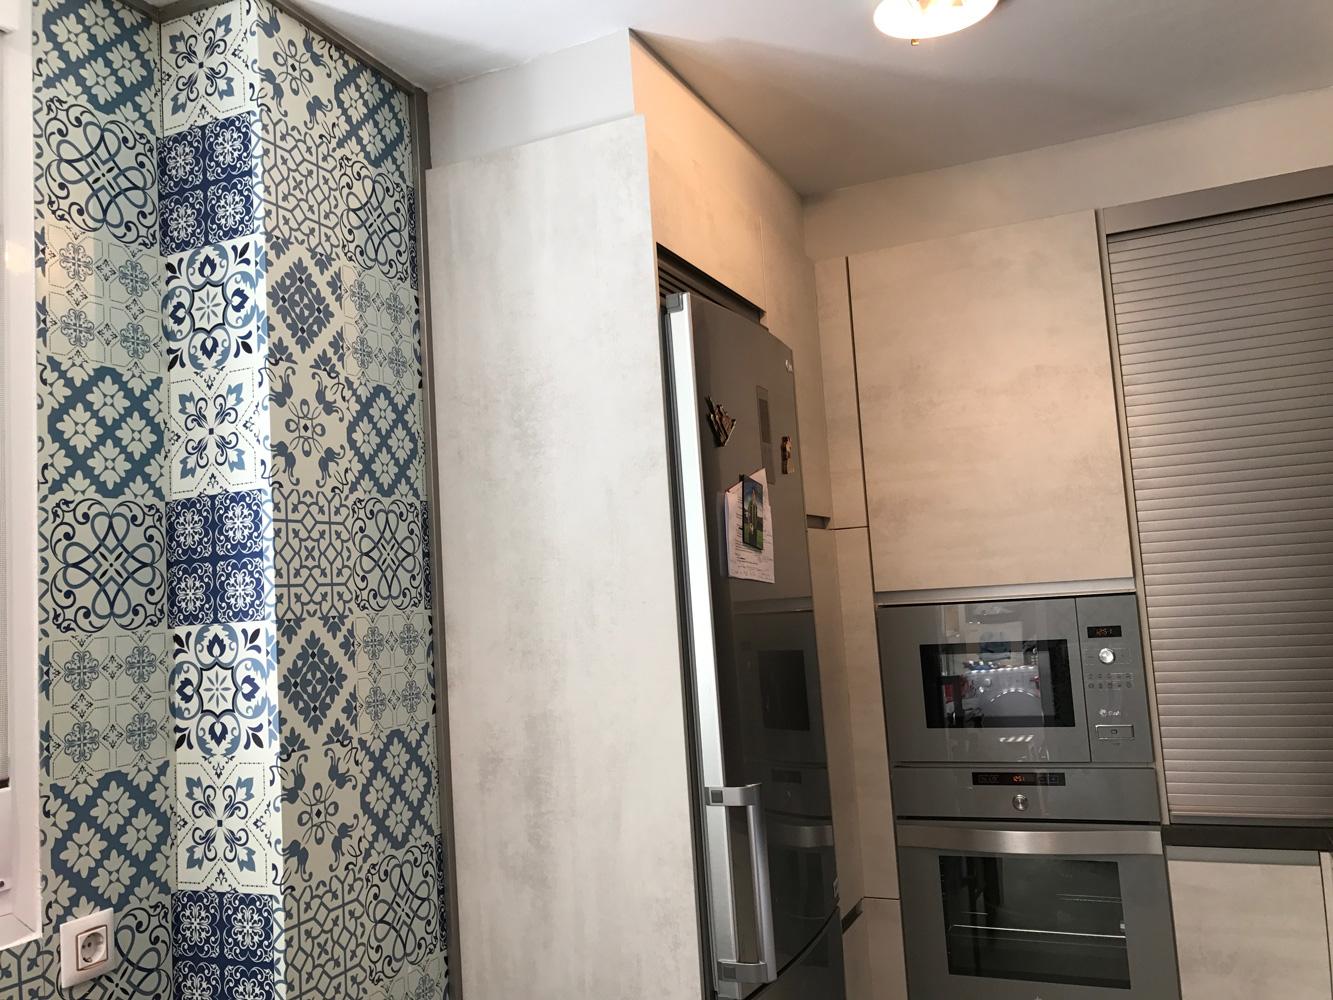 Reforma Completa De Cocina En Zaragoza Reformas En Zaragoza  ~ Cuanto Puede Costar Una Cocina Completa